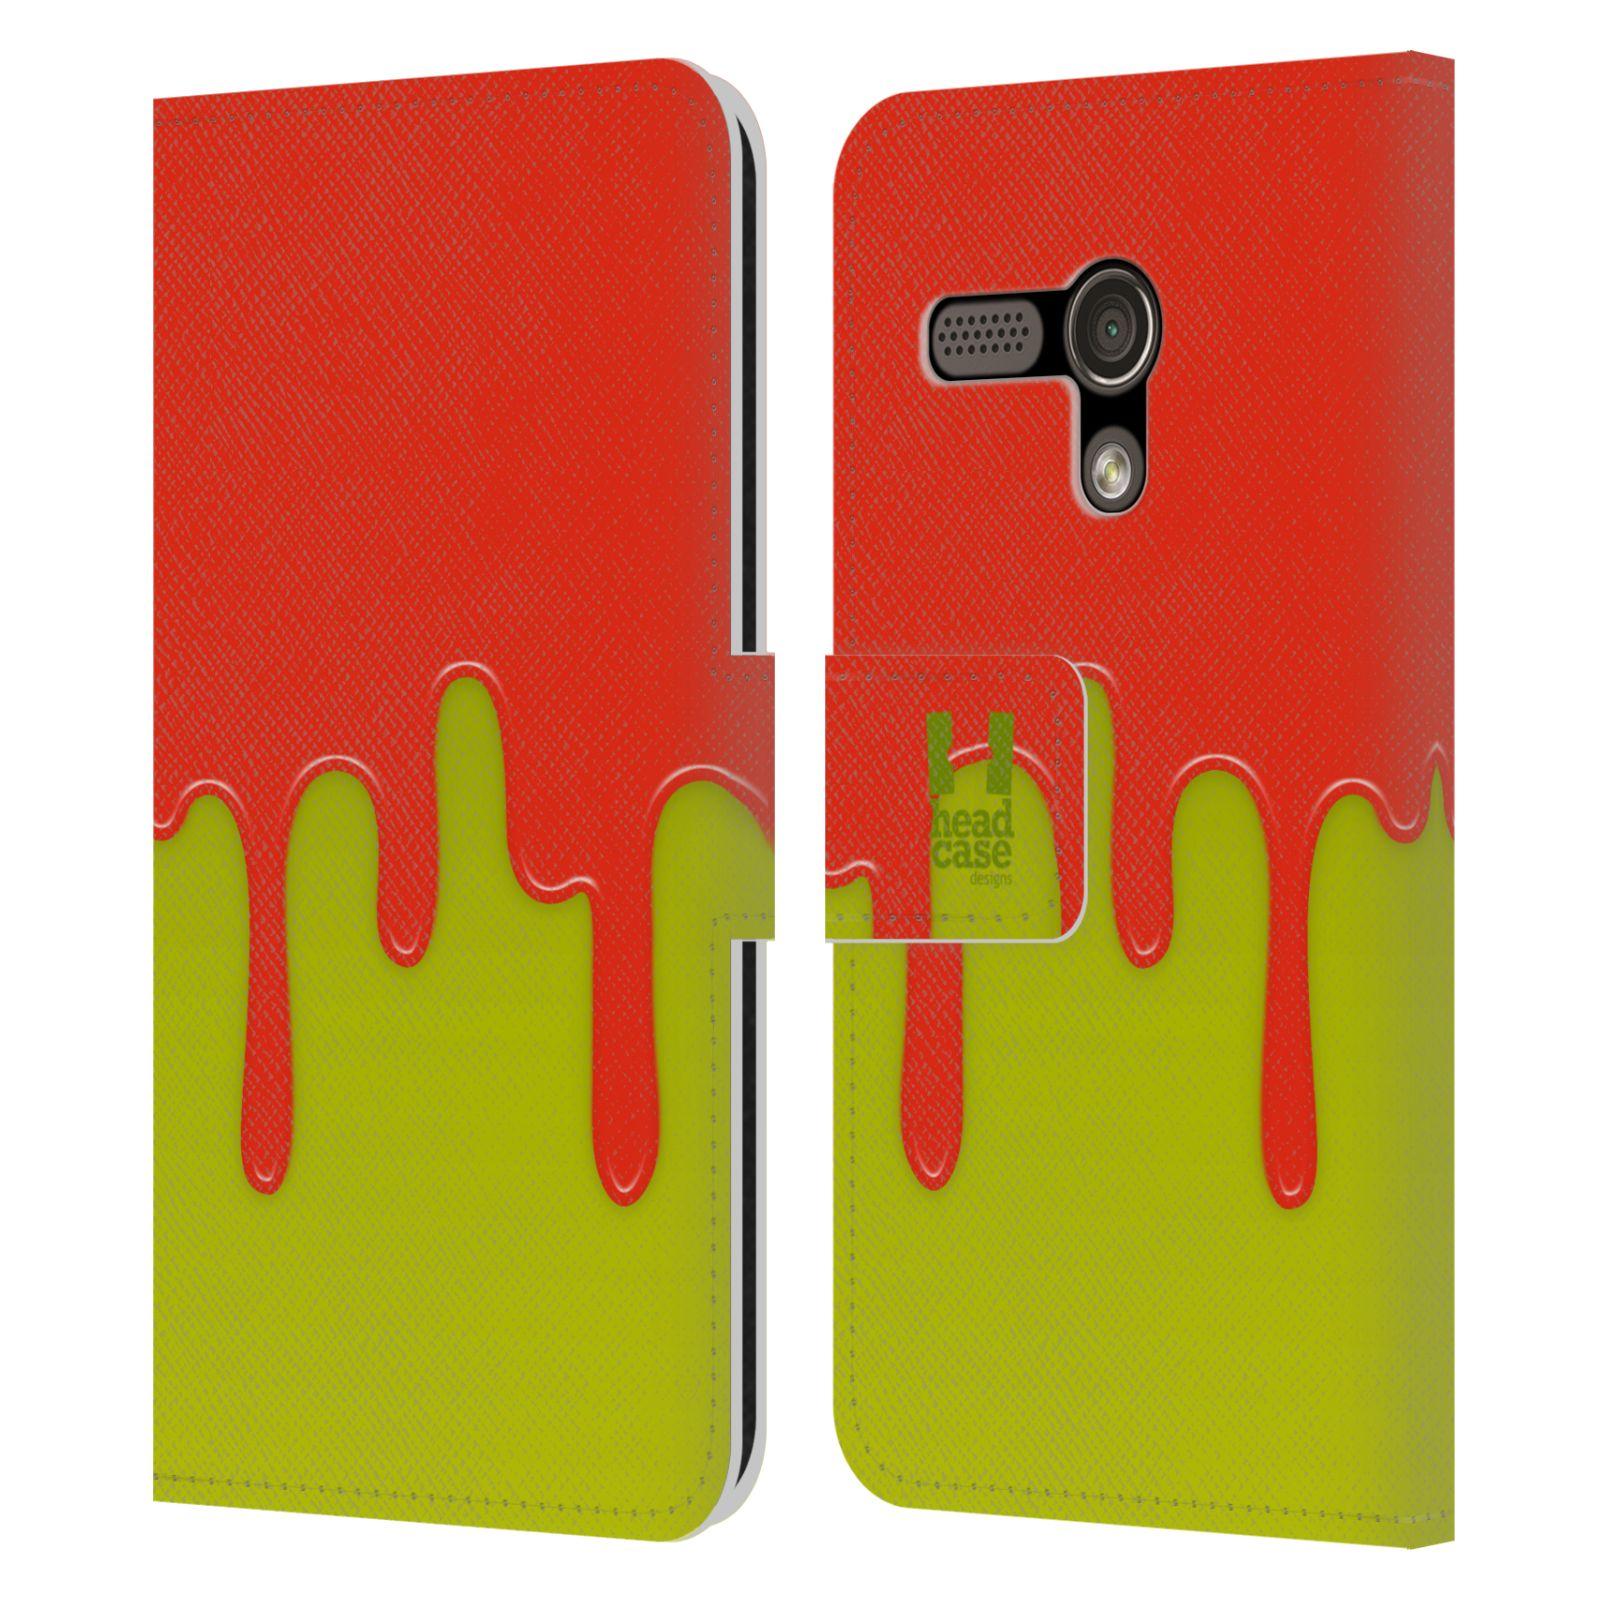 HEAD CASE Flipové pouzdro pro mobil MOTOROLA MOTO G Rozlitá barva oranžová a zelená